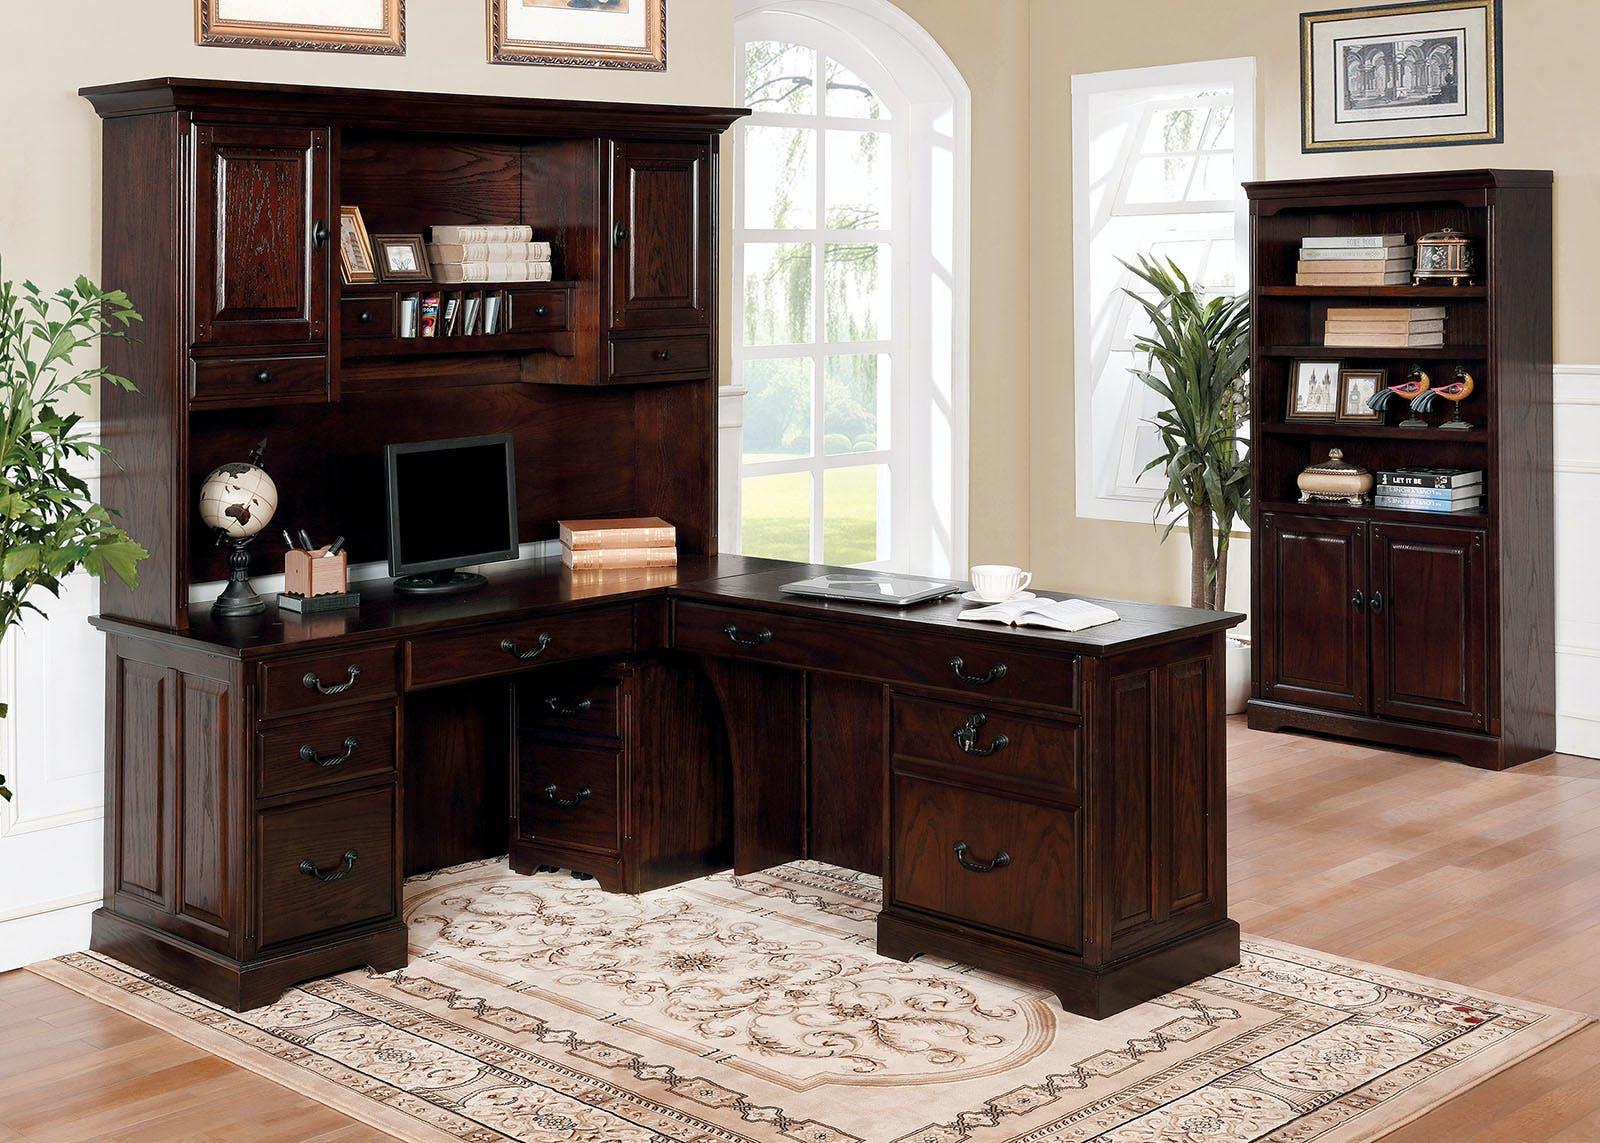 Furniture Of America Home Office Corner Desk Hutch Cm Dk6384crh The Furniture Mall Duluth